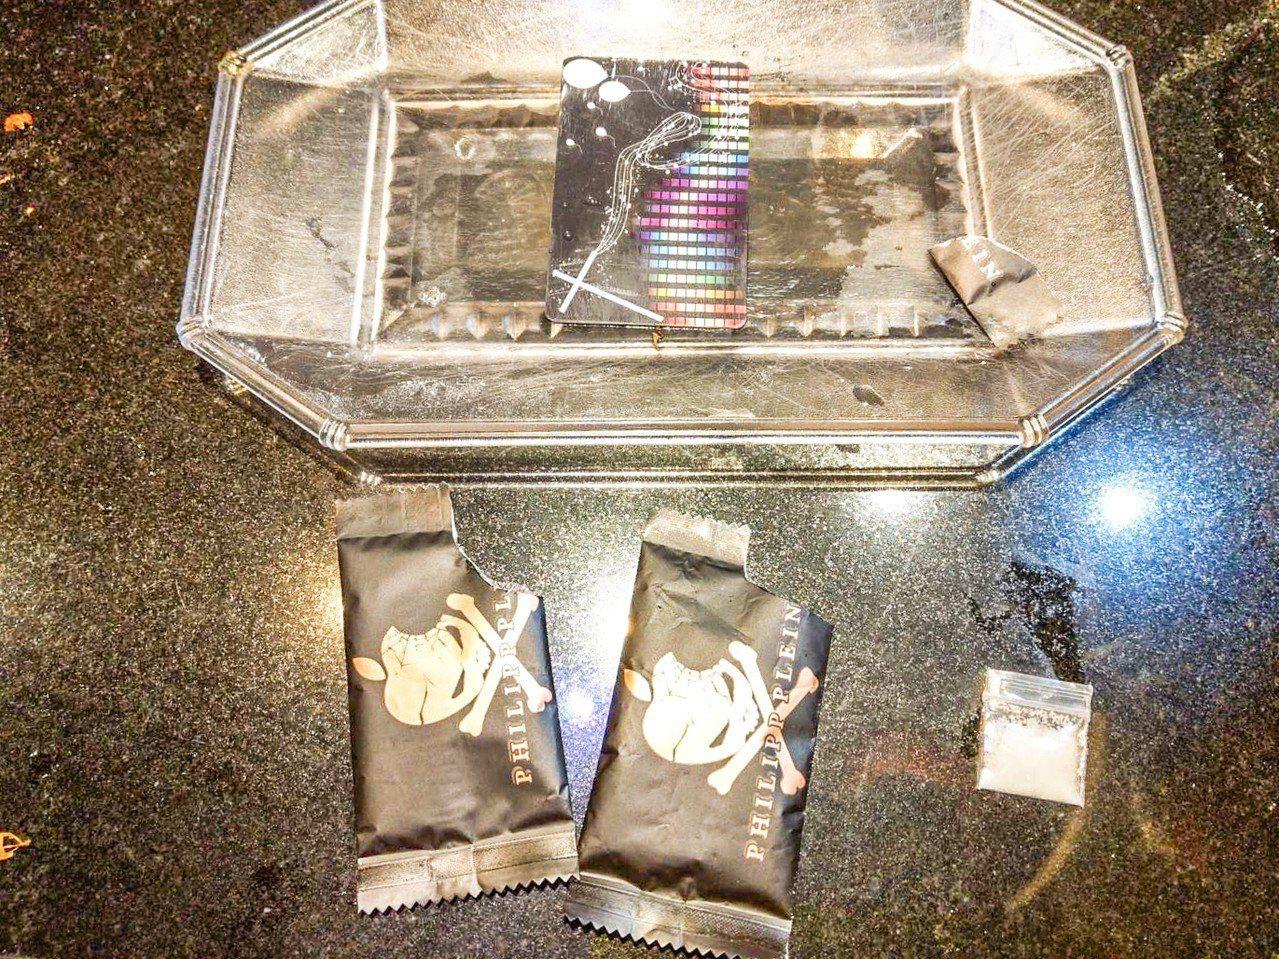 警方在旅館起獲4包K他命、3張K卡、1支K菸、2個K盤及2毒咖啡包殘渣袋,還摻有...